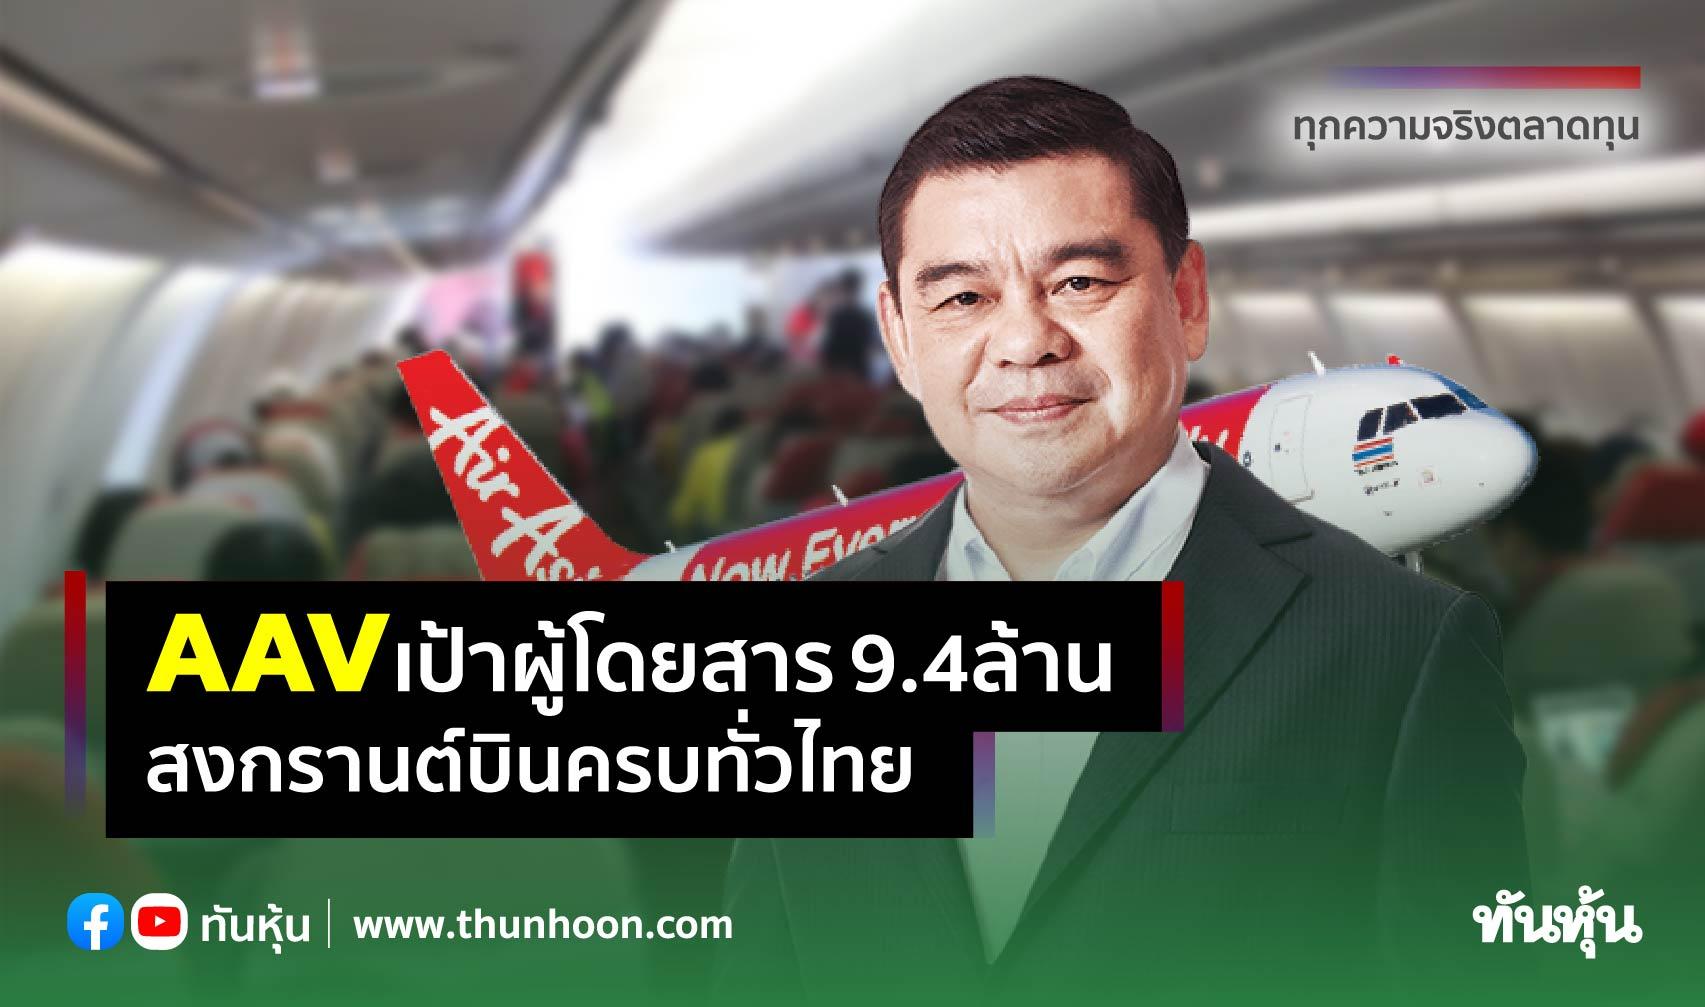 AAVเป้าผู้โดยสาร9.4ล้าน สงกรานต์บินครบทั่วไทย